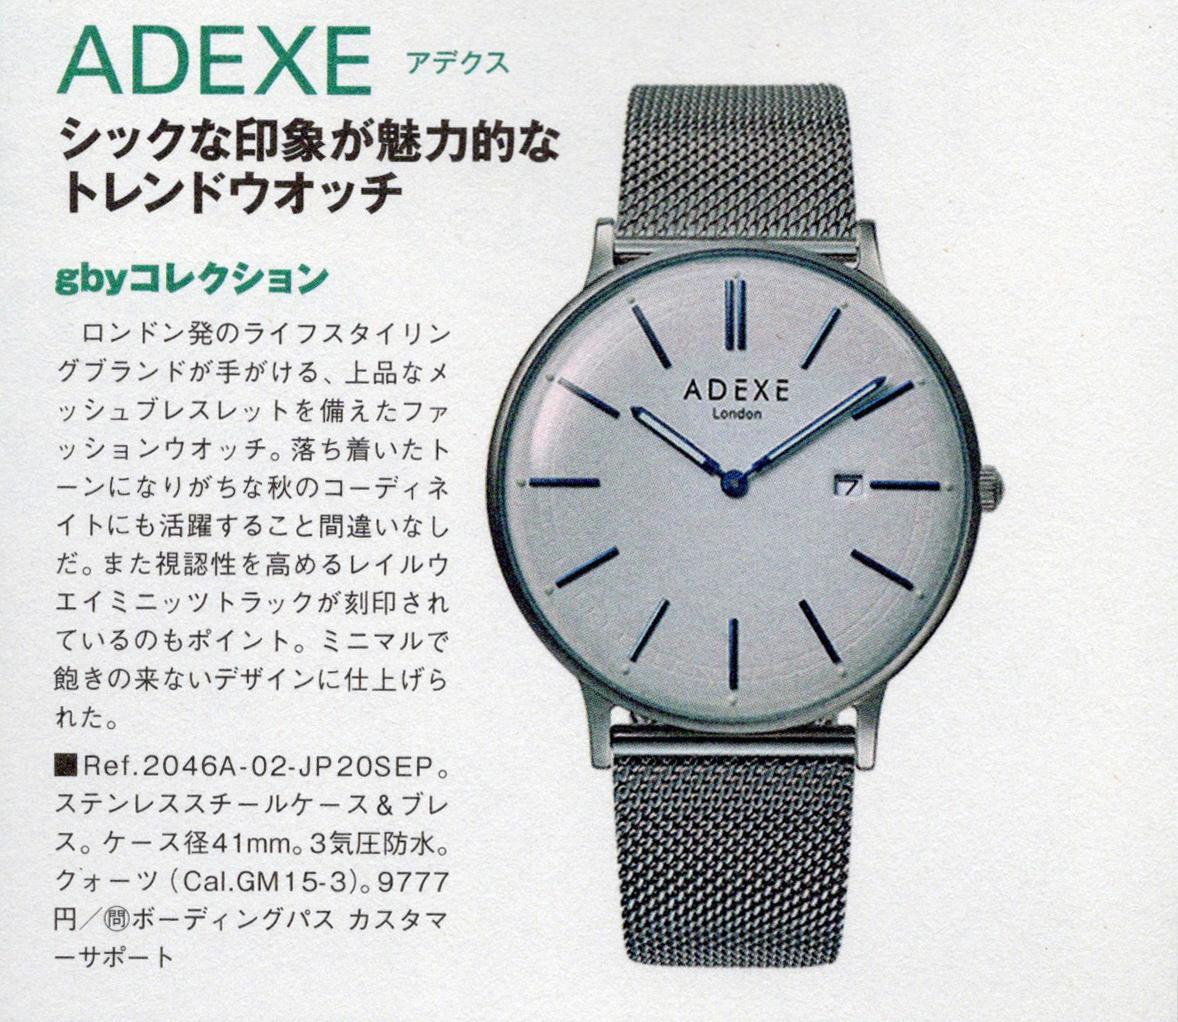 [掲載情報]TIME Gear(タイムギア)Vol.31